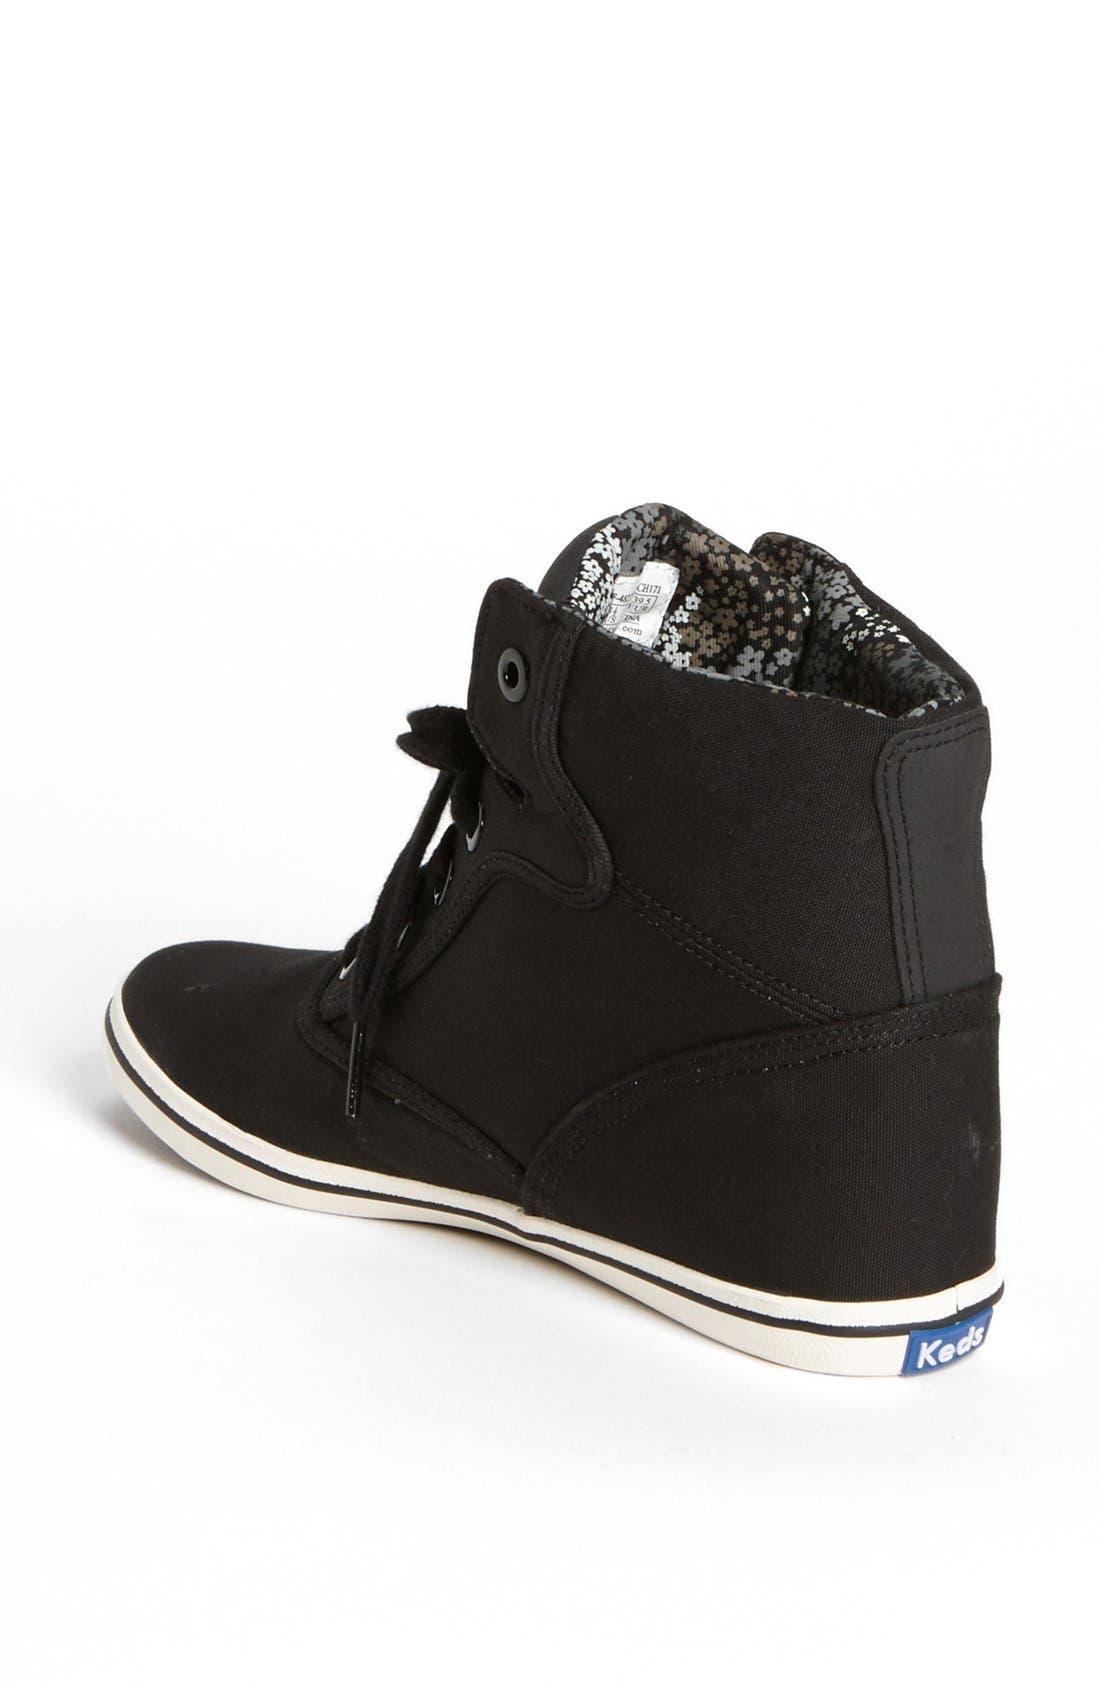 Alternate Image 2  - Keds® 'Rookie' Wedge High Top Sneaker (Women)